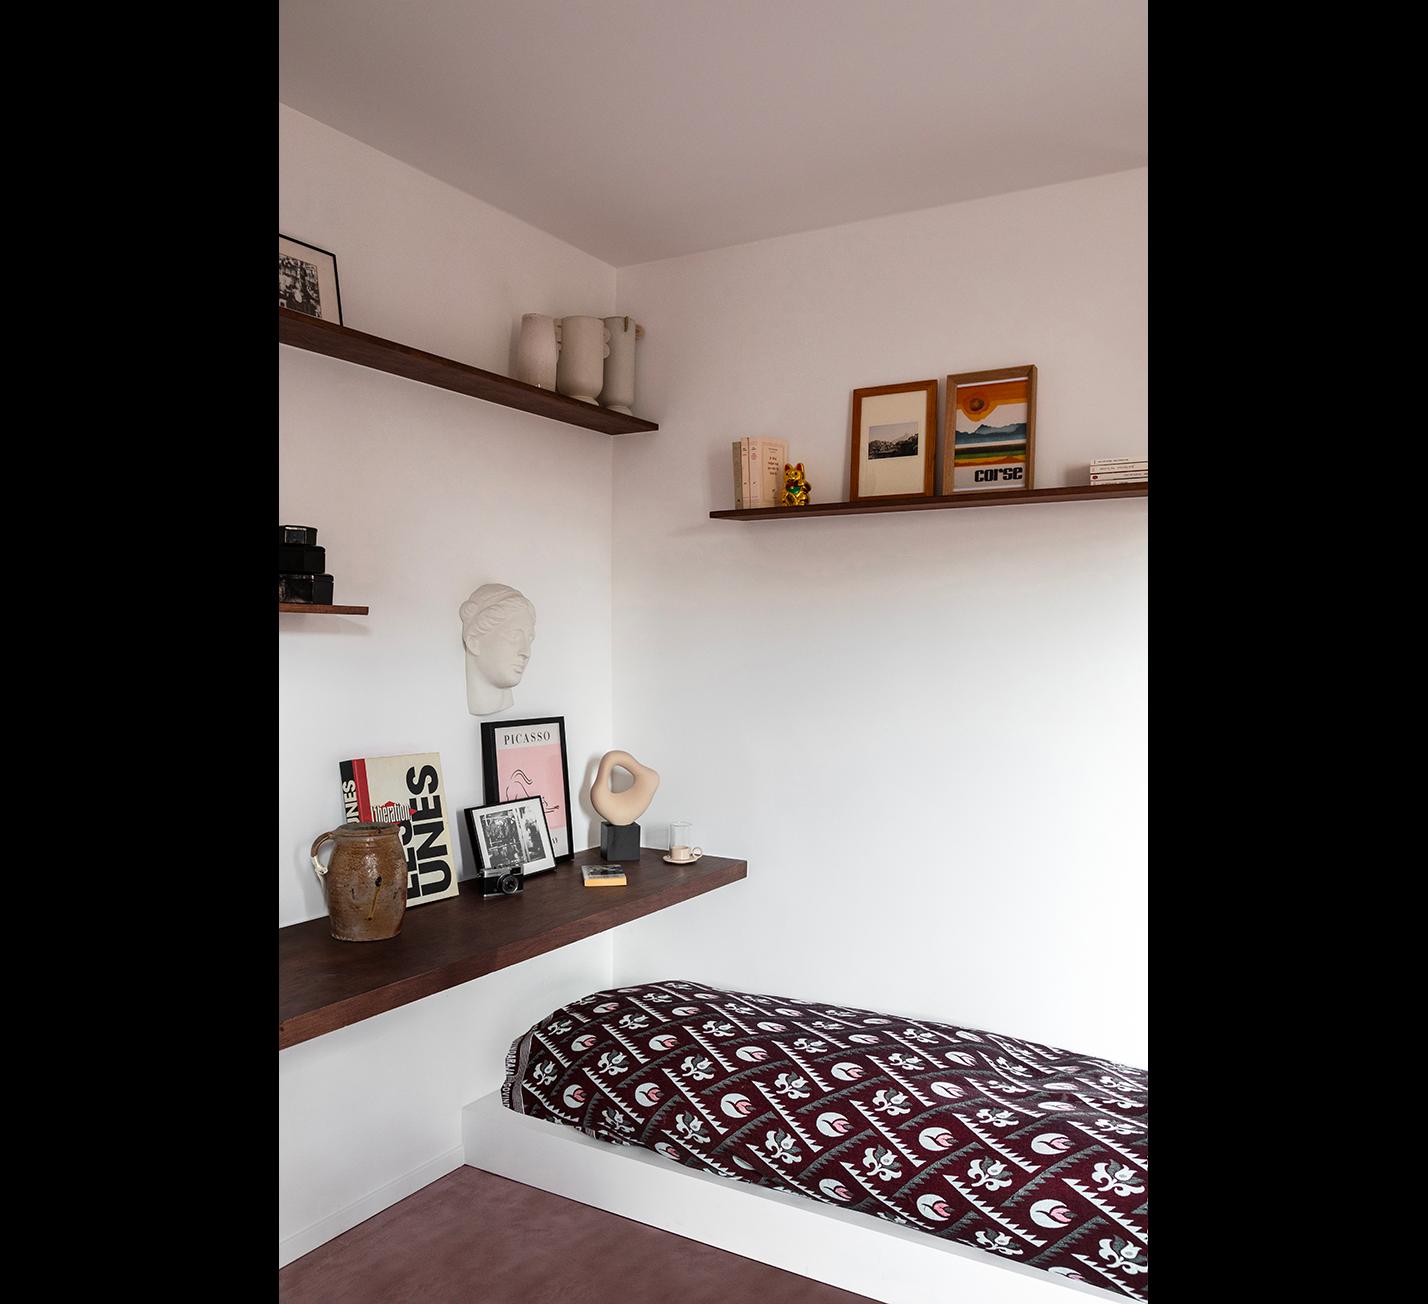 Appartement-Léon-paris-rénovation-architecture-paris-construction-atelier-steve-pauline-borgia-17